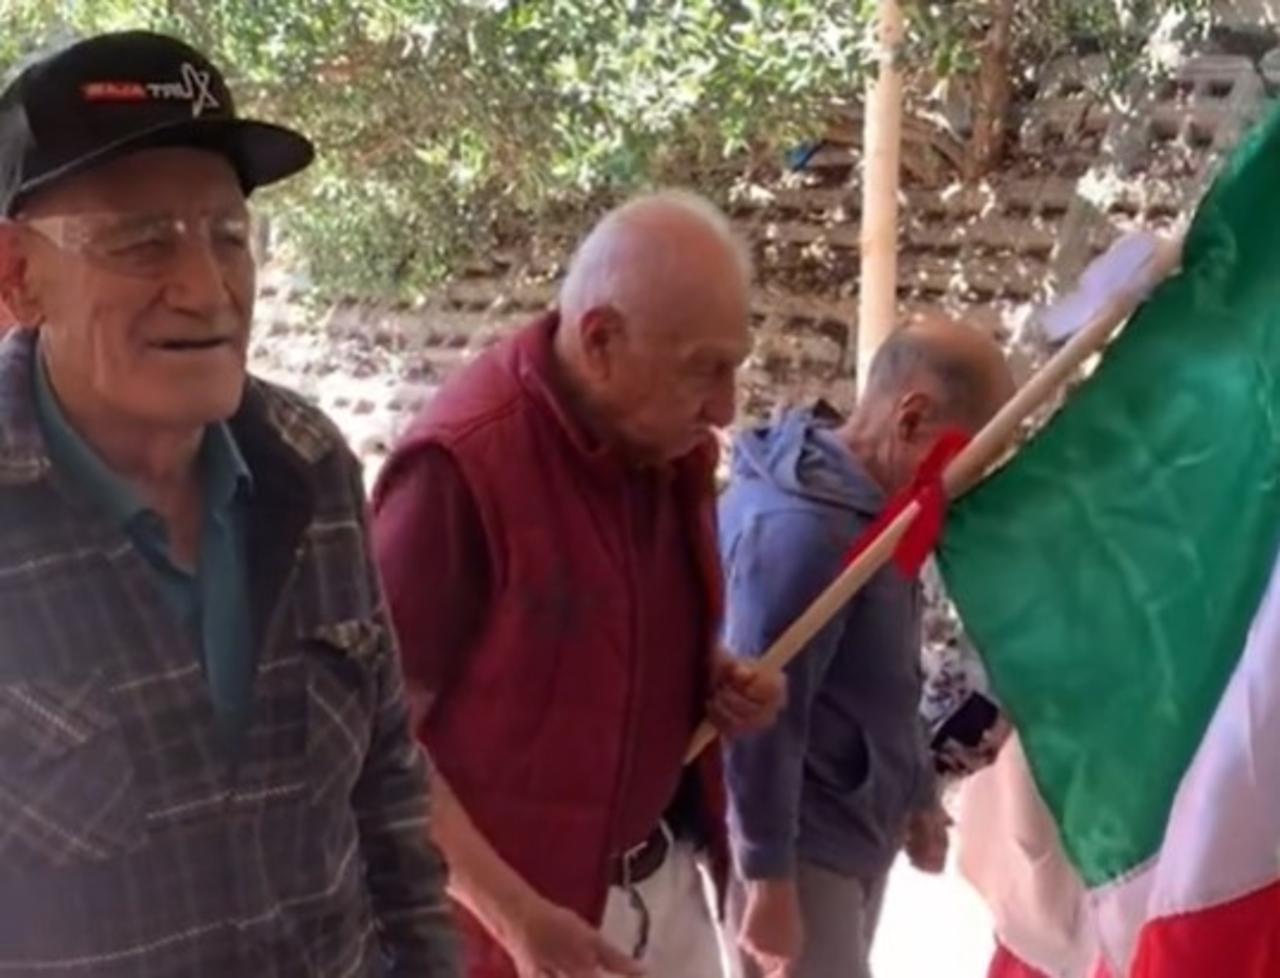 Abuelitos enamoran al hacer escolta patria en asilo